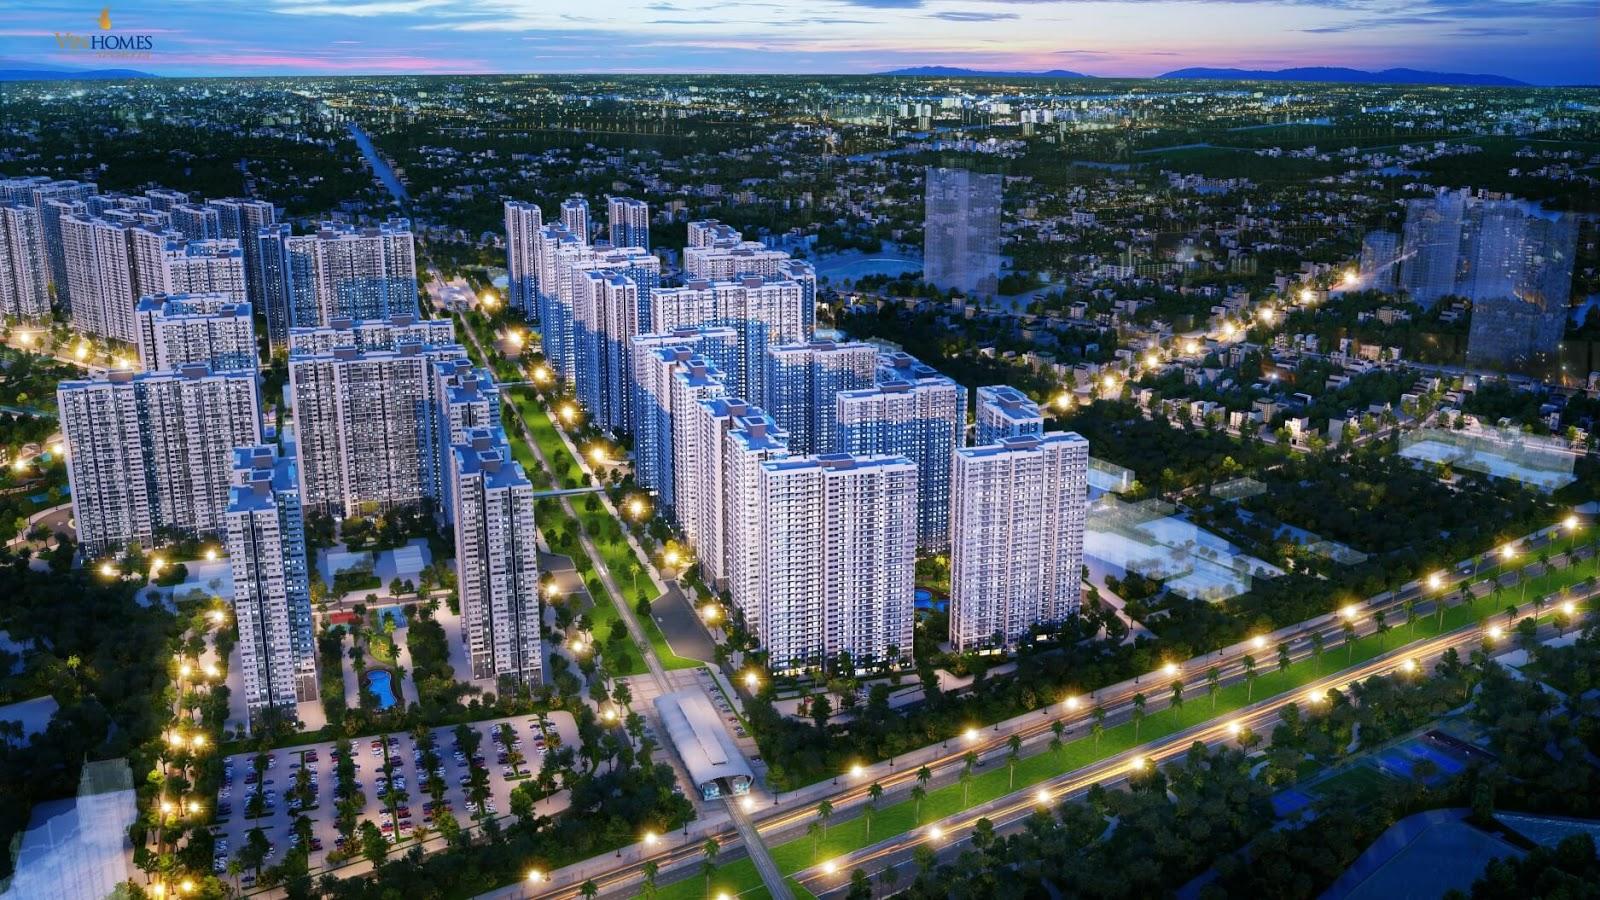 Sở hữu căn hộ Vinhomes Sportia Tây Mỗ với mức giá đợt đầu